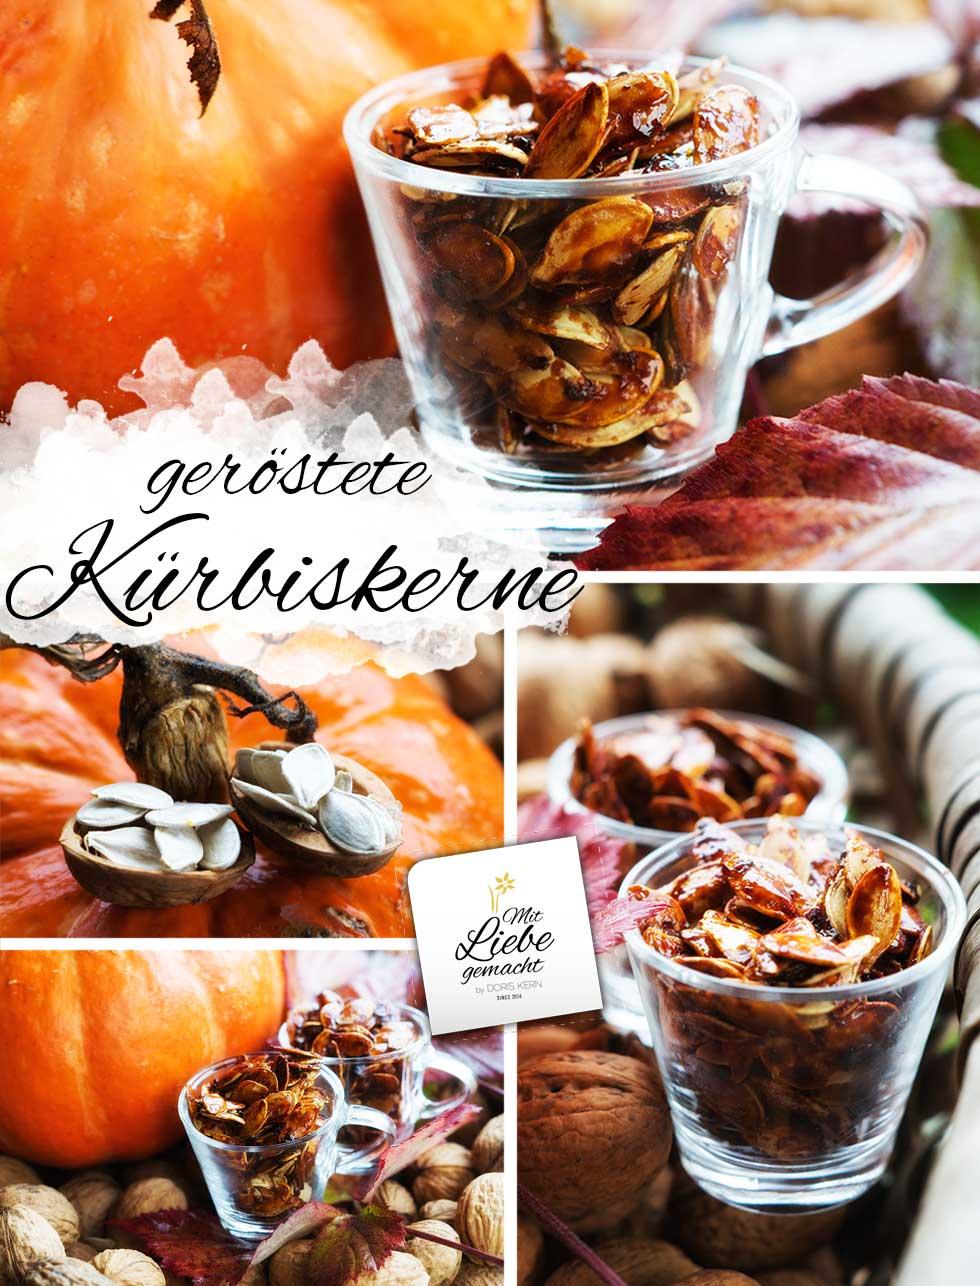 geröstete Kürbiskerne – gesunder Snack